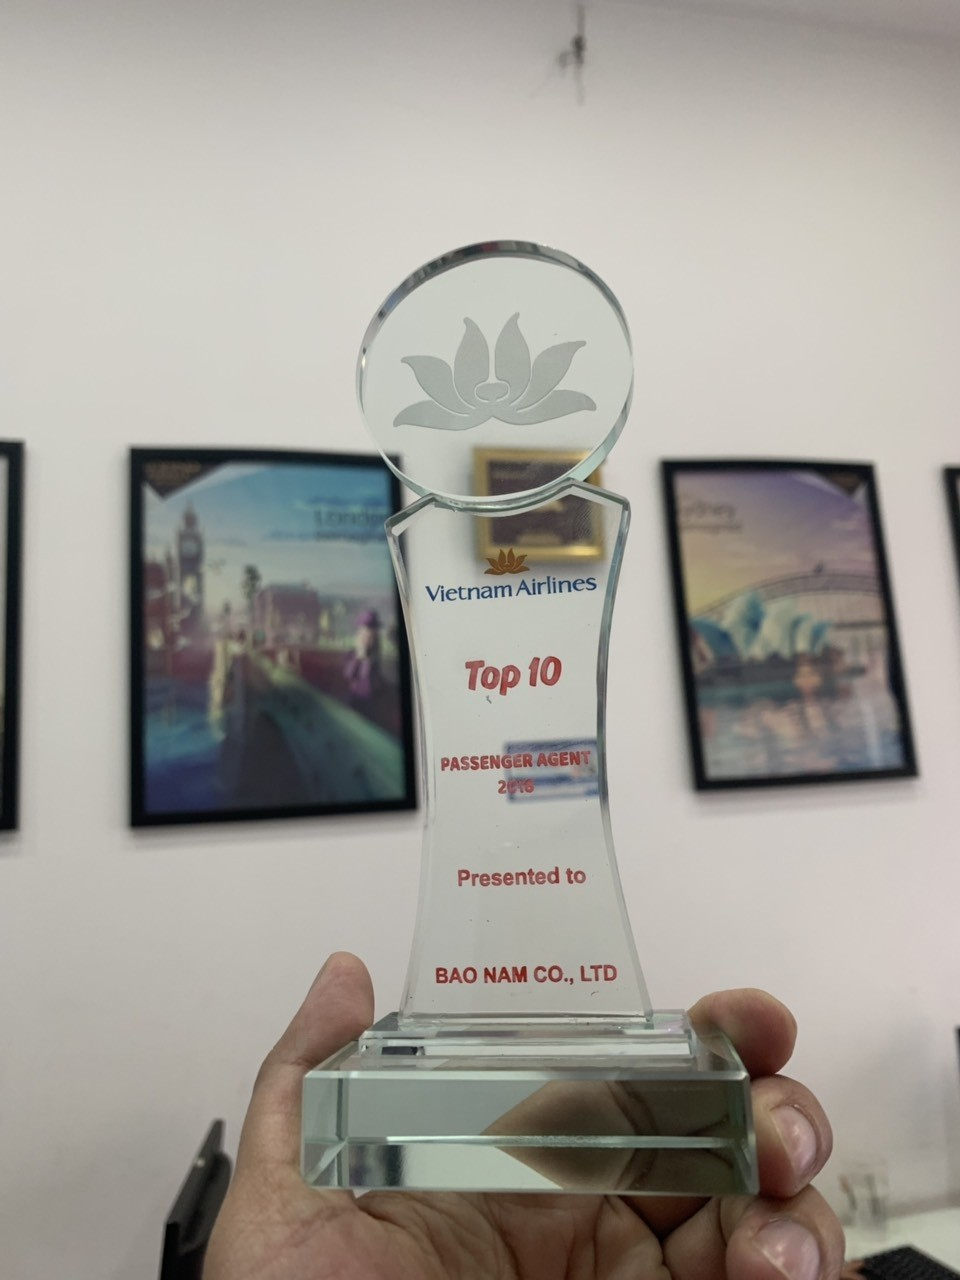 Giải thưởng của các hãng hàng không 2